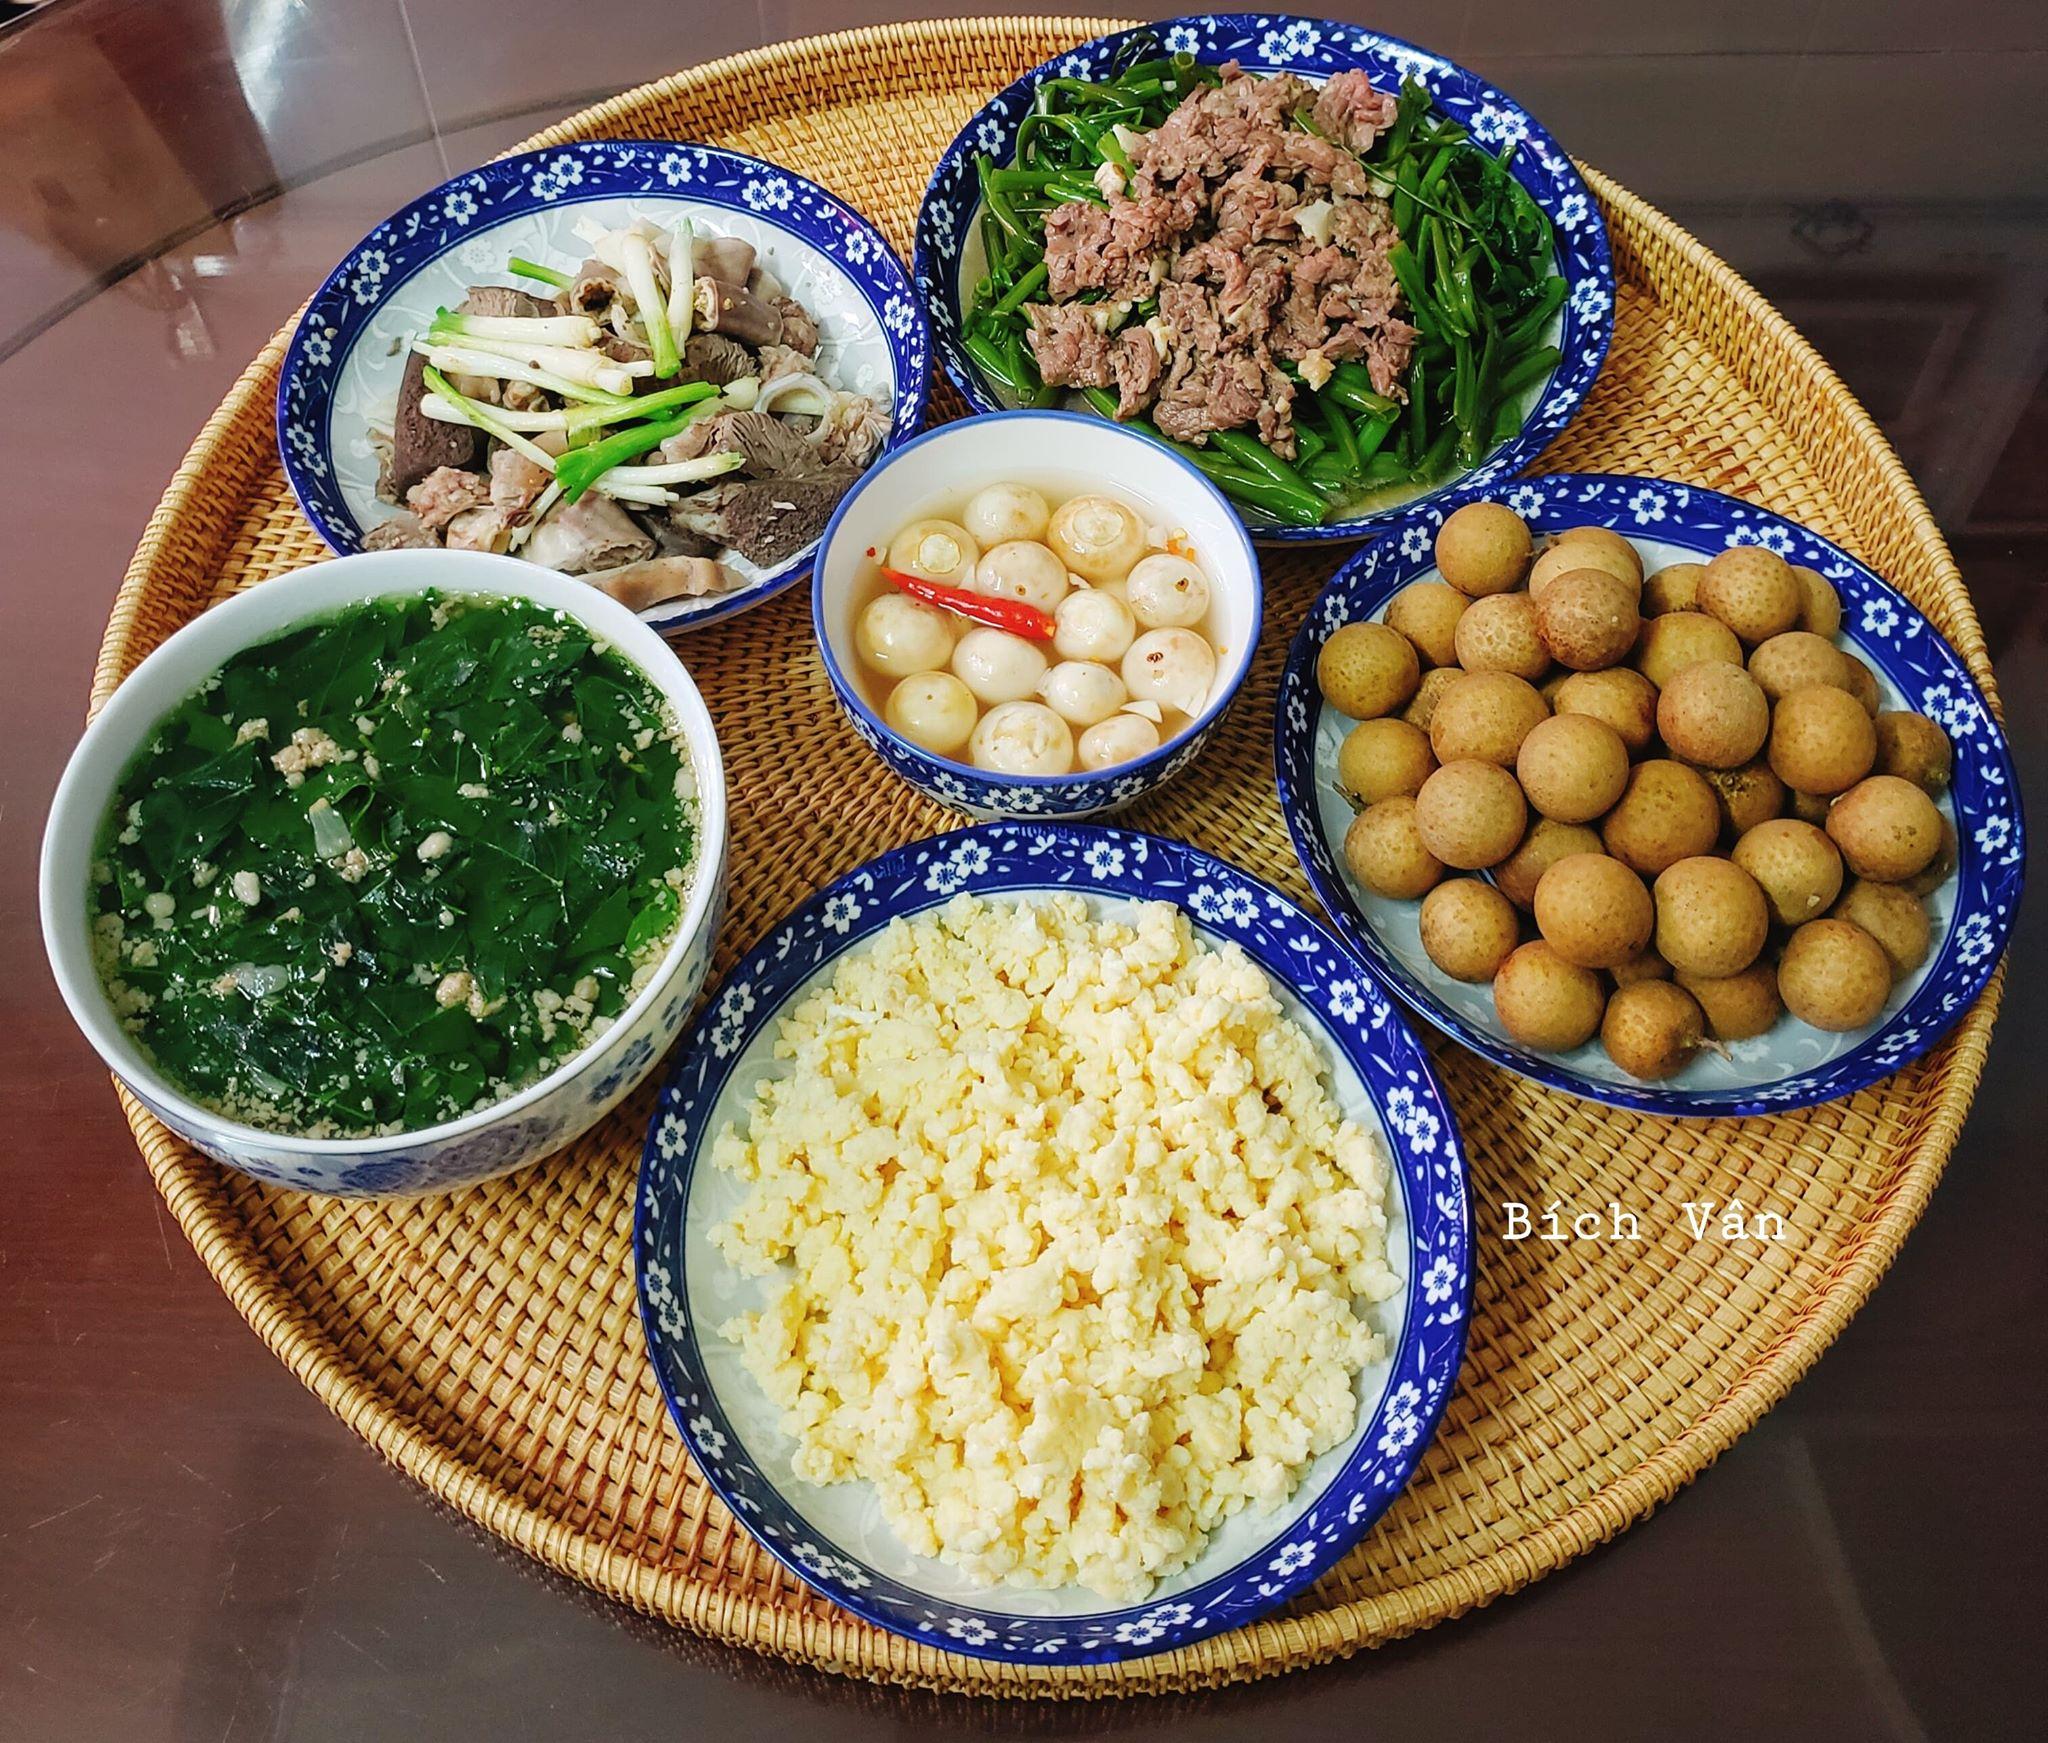 Chỉ từ 130k trở lên, bà nội trợ đảm Sài Gòn sắm sửa mỗi bữa cơm đều như đãi tiệc với các món bổ dưỡng, đẹp mắt cho gia đình 6 thành viên - Ảnh 14.